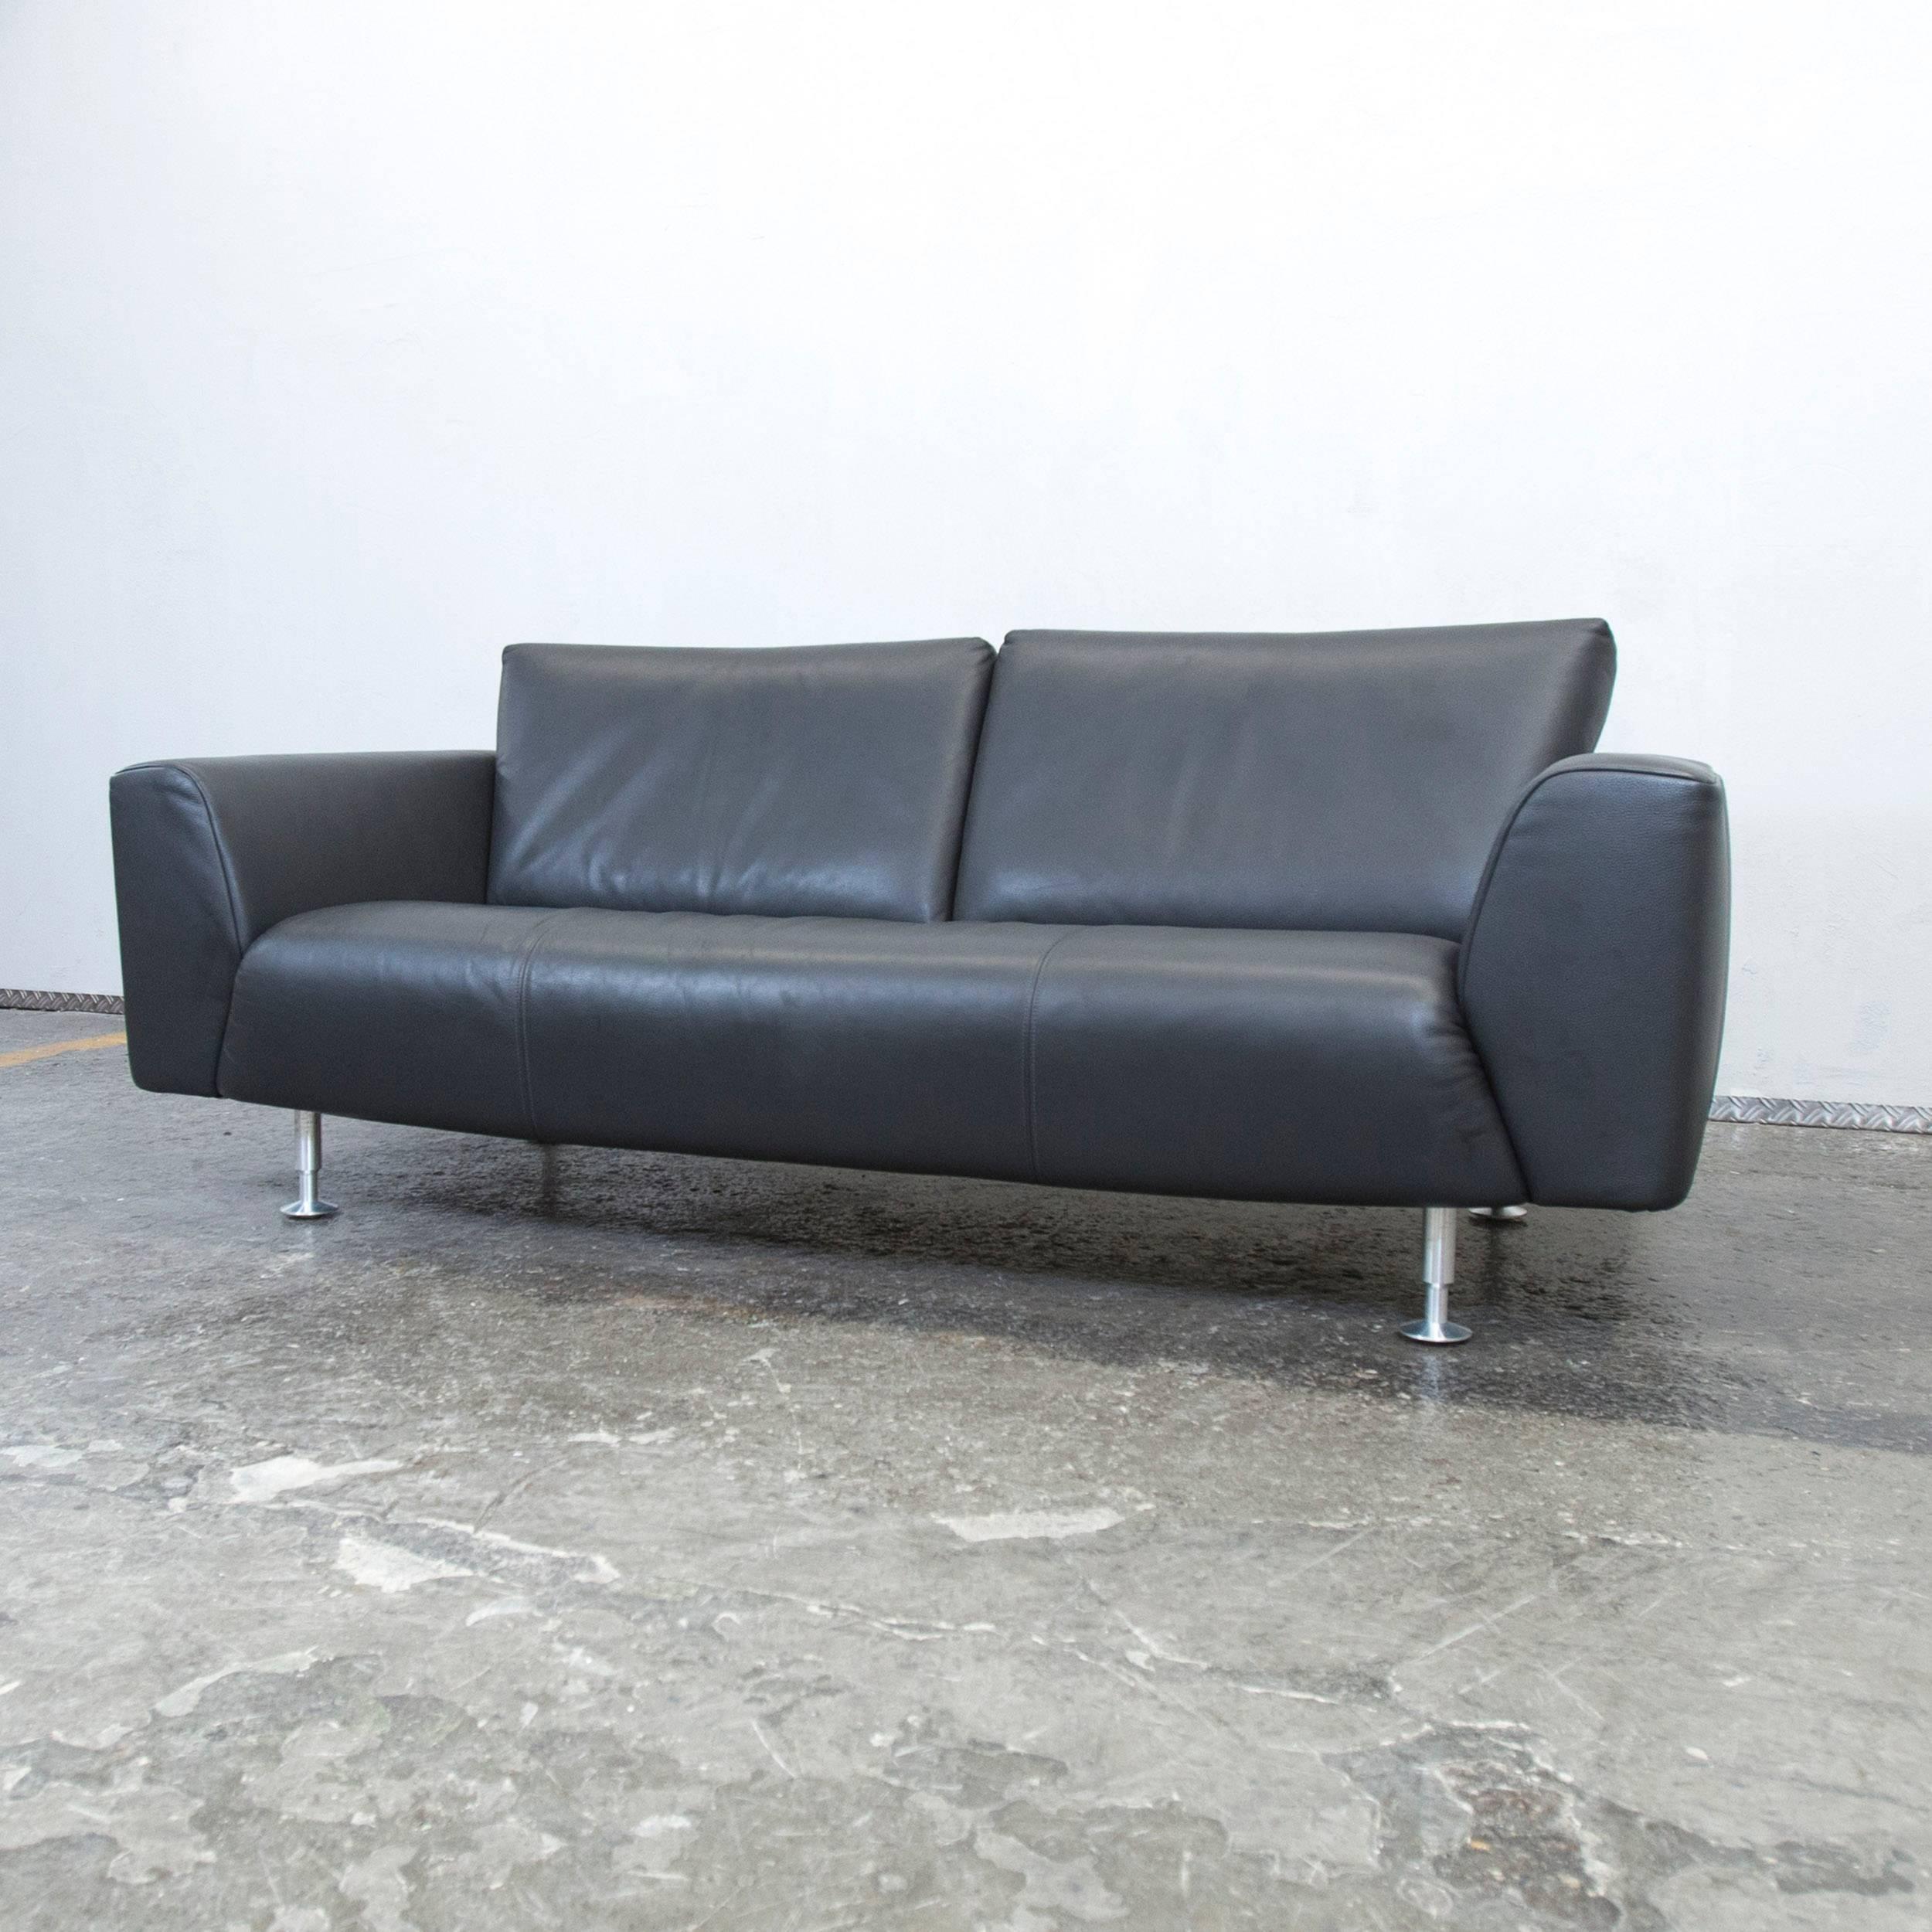 Sofa modern grau  Designer Sofa Rolf Benz. Trendy With Designer Sofa Rolf Benz. Rolf ...